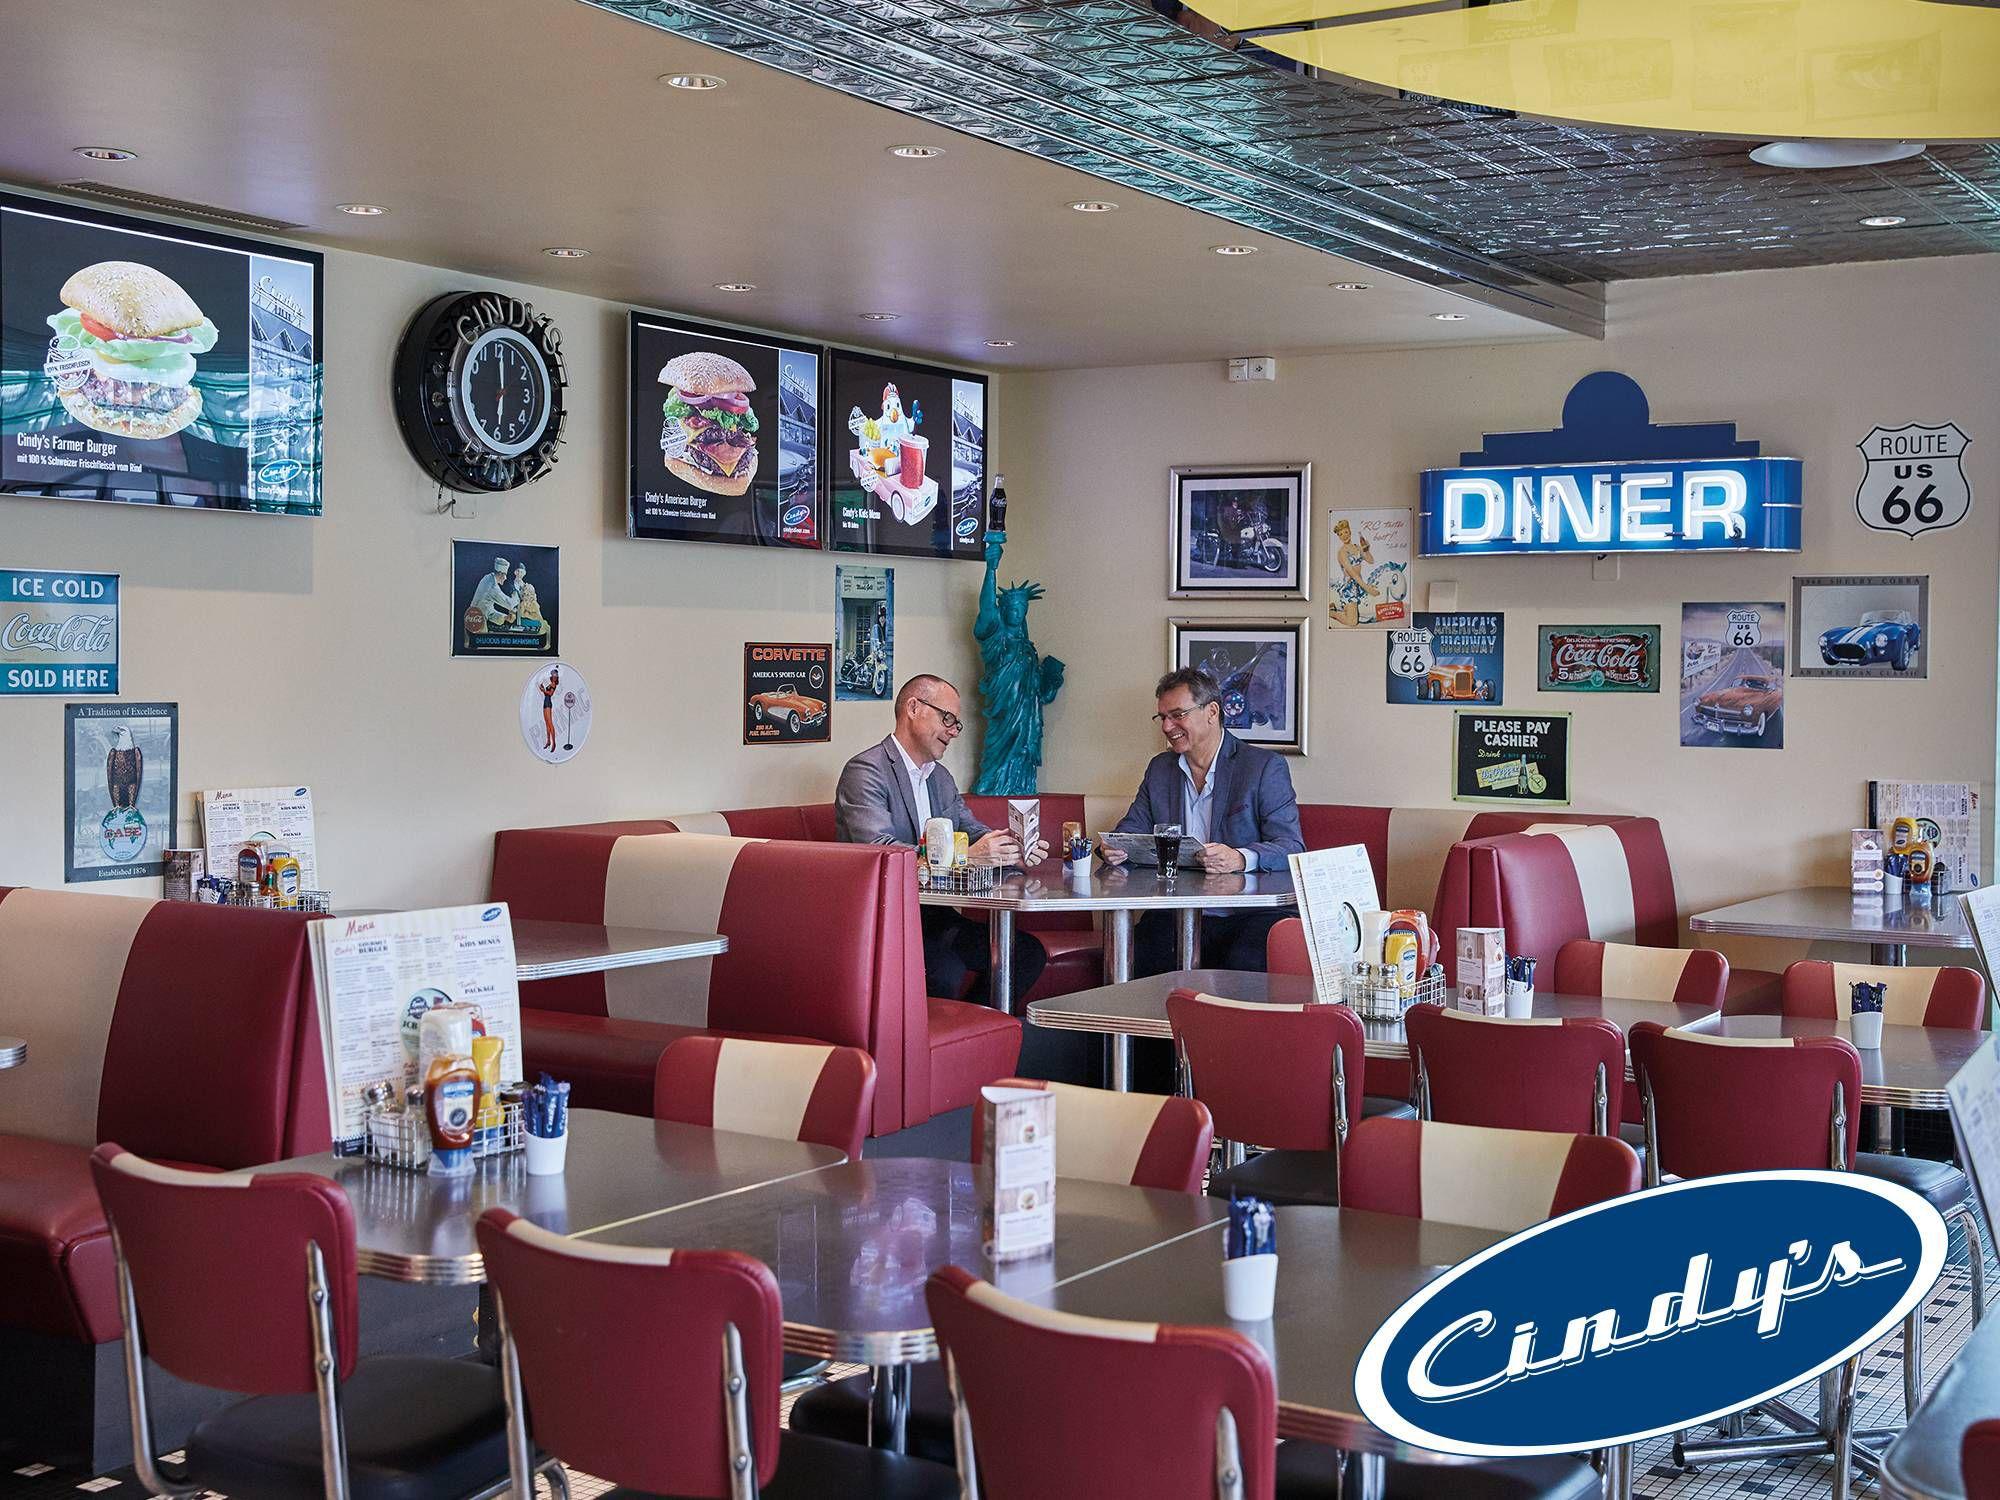 Cindy's Diner Restaurant